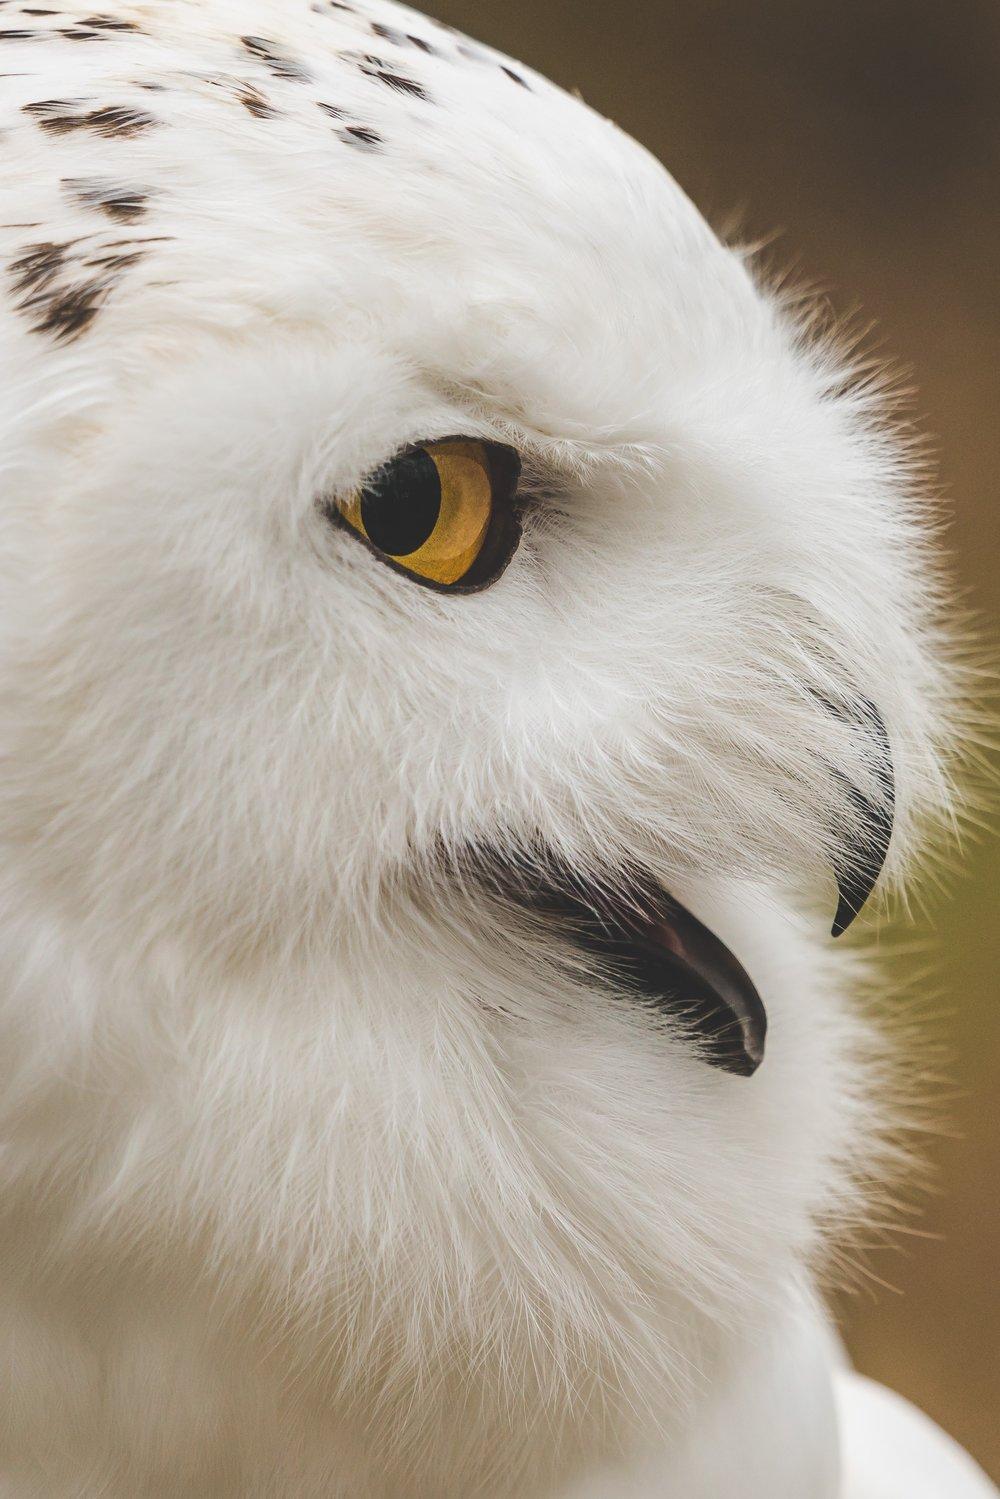 Snowy Owl by Patrick Brinksma